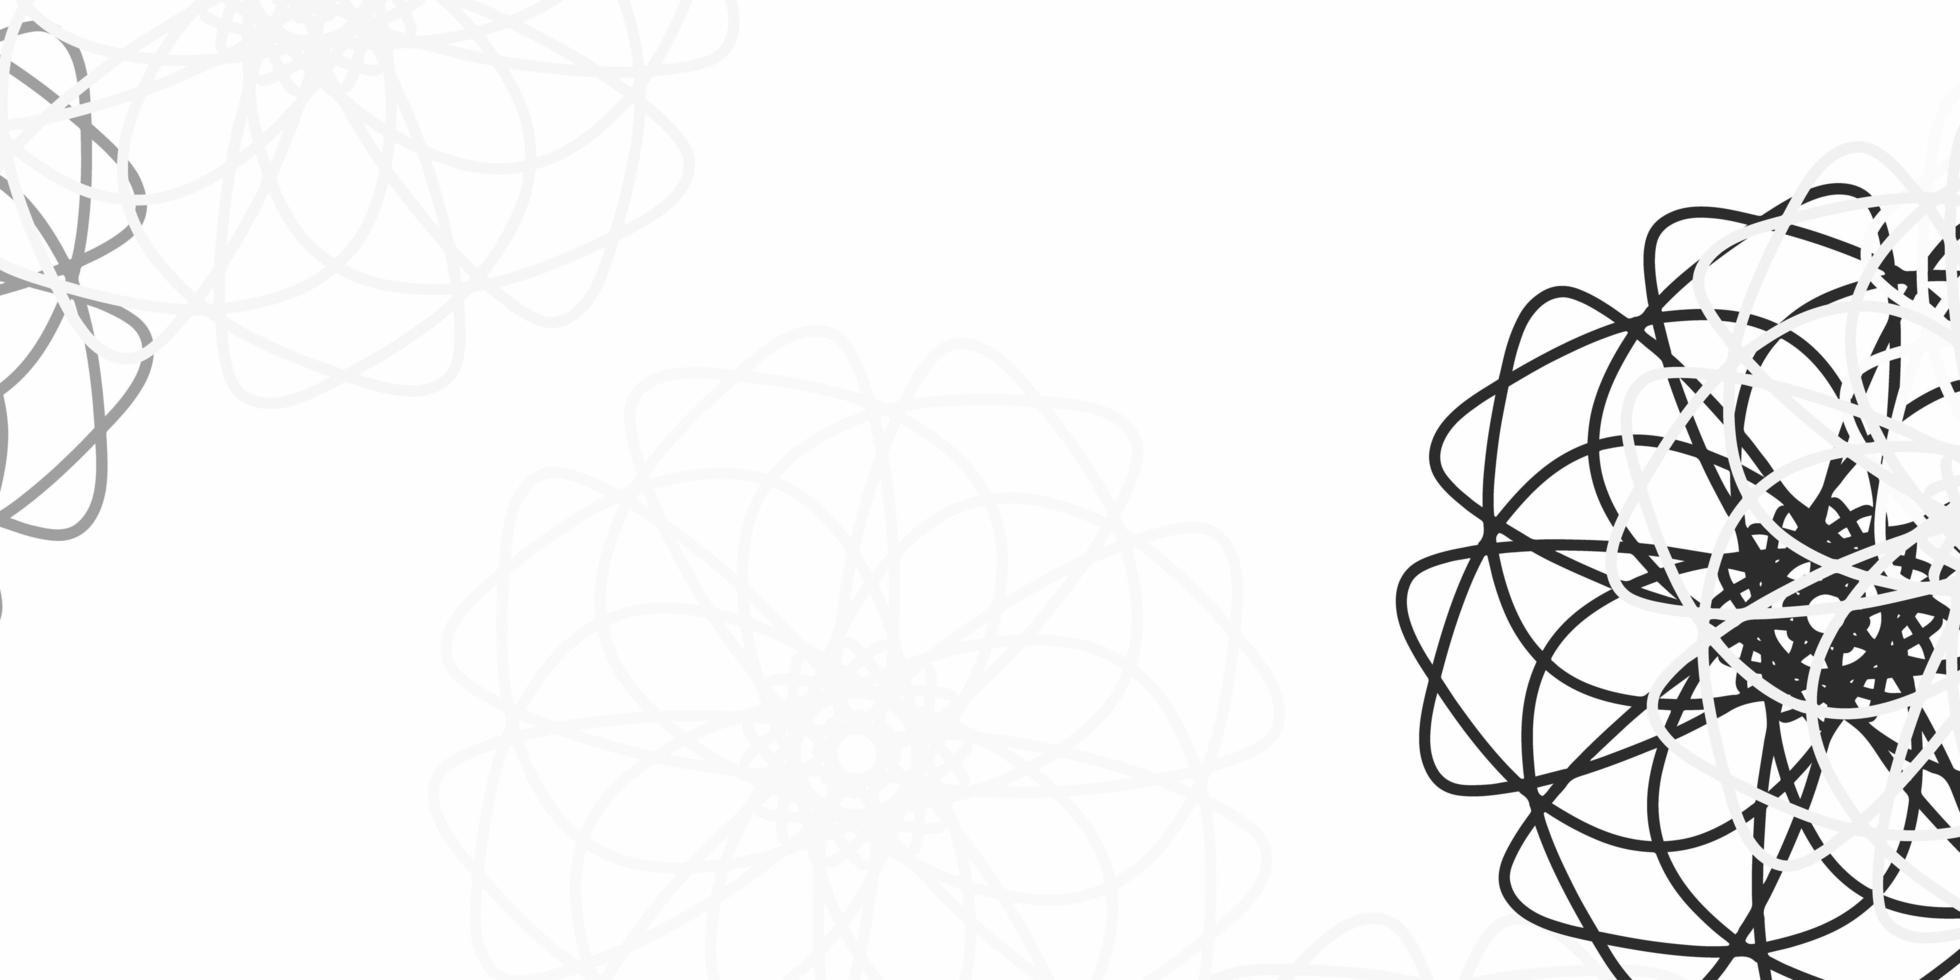 ljusgrå naturliga konstverk med blommor. vektor